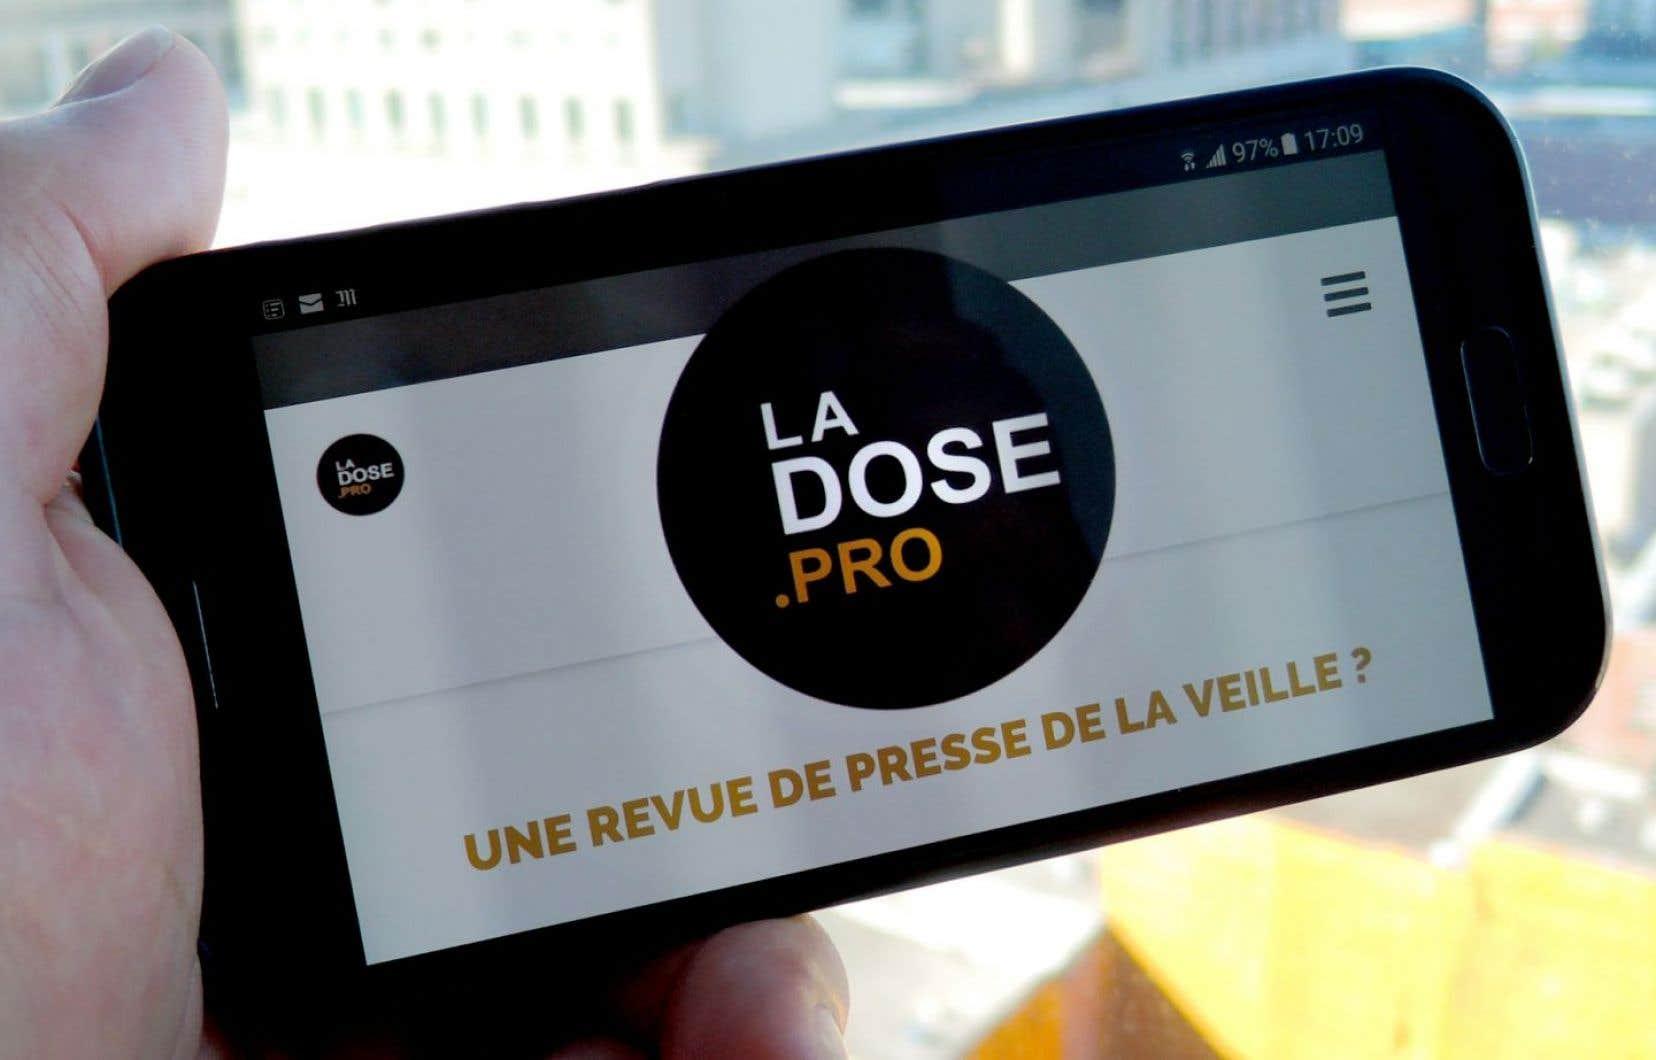 La Dose dispose de deux plateformes en ligne, une gratuite (LaDose.ca) et l'autre payante (LaDose.pro).